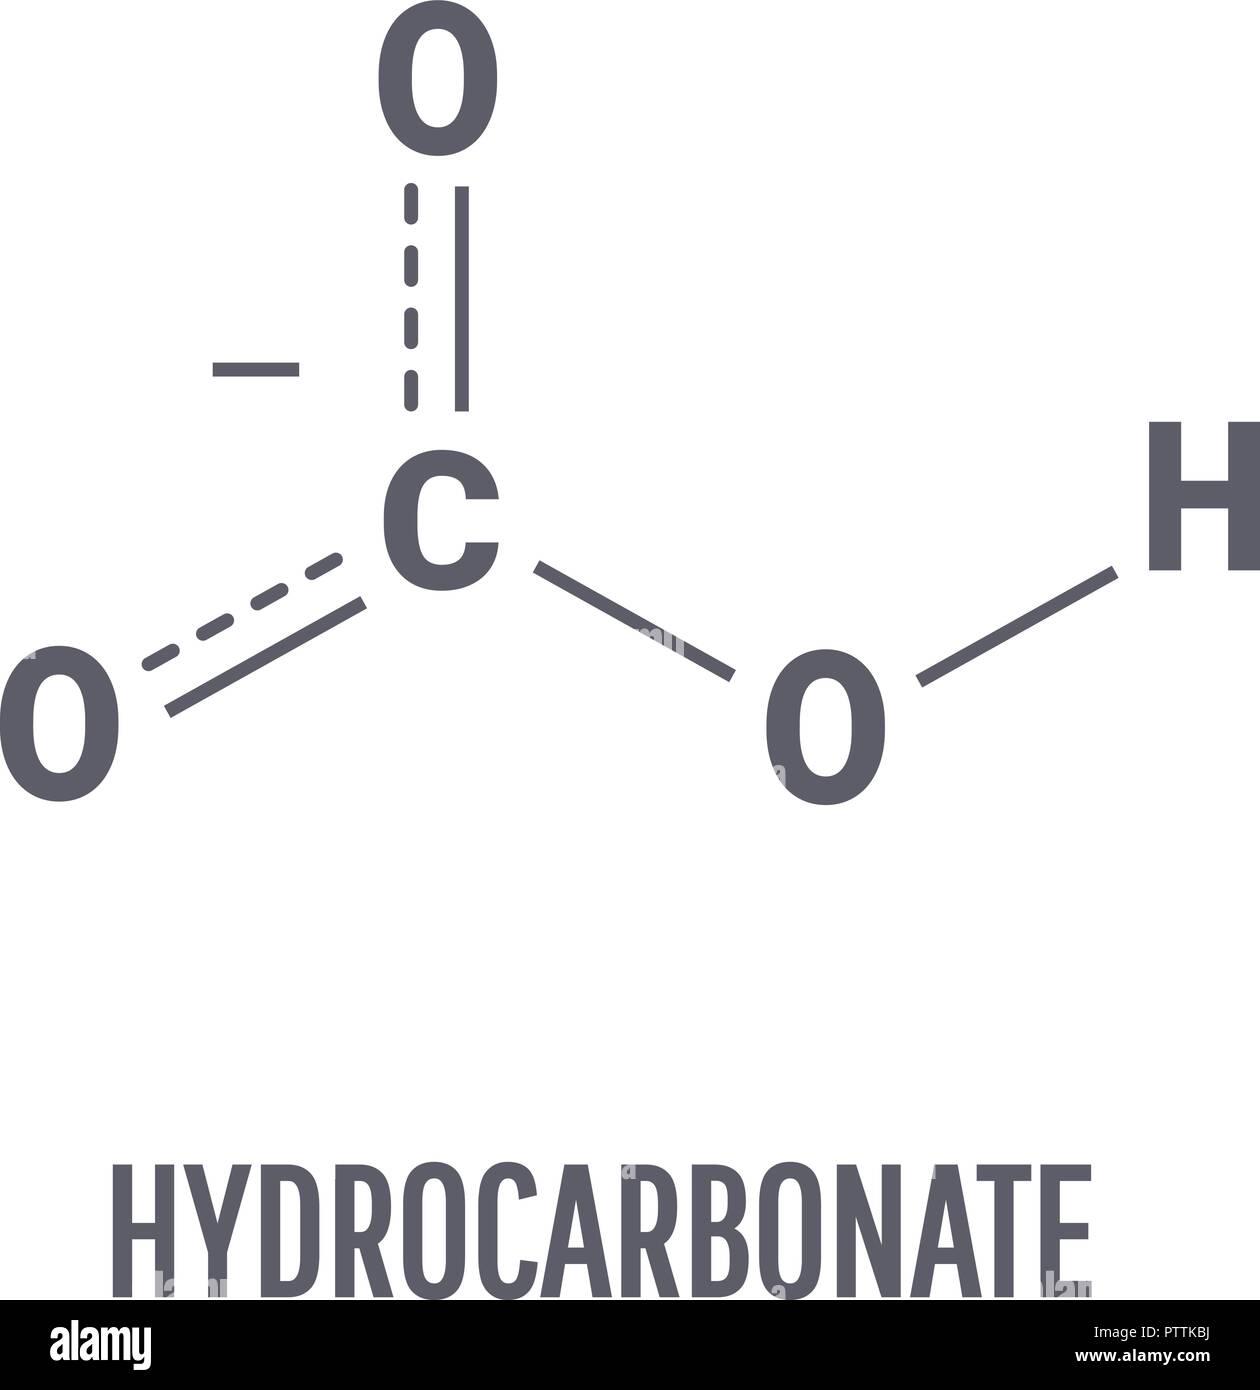 Hydrocarbonat Molekül Chemische Verbindung Mit Der